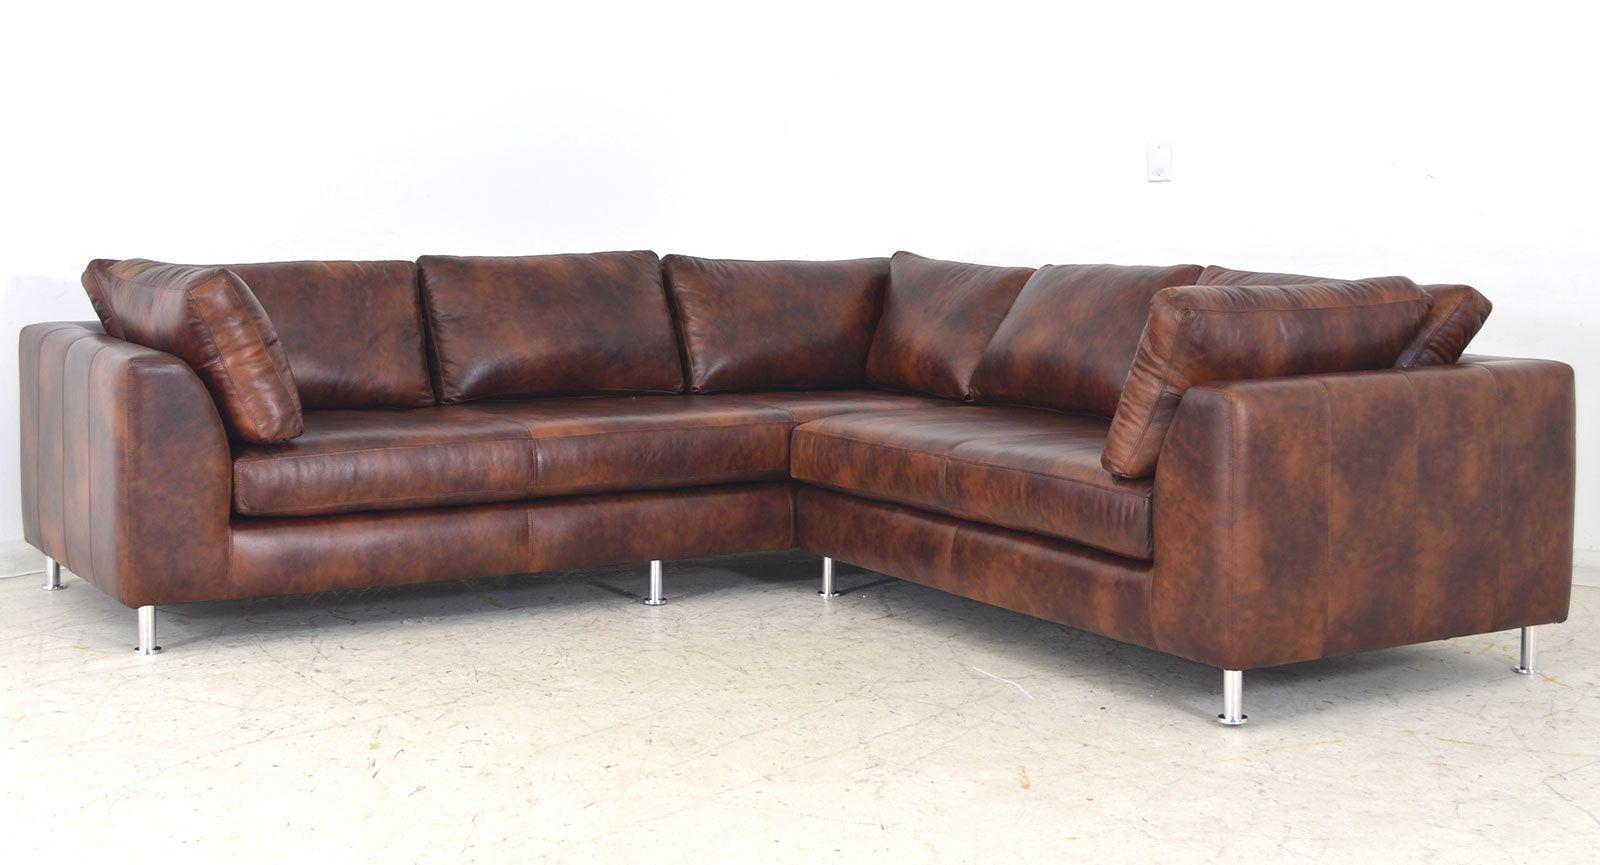 Alexandria Sofa The Leather Sofa Company Leather Furniture Vintage Sofa Furniture